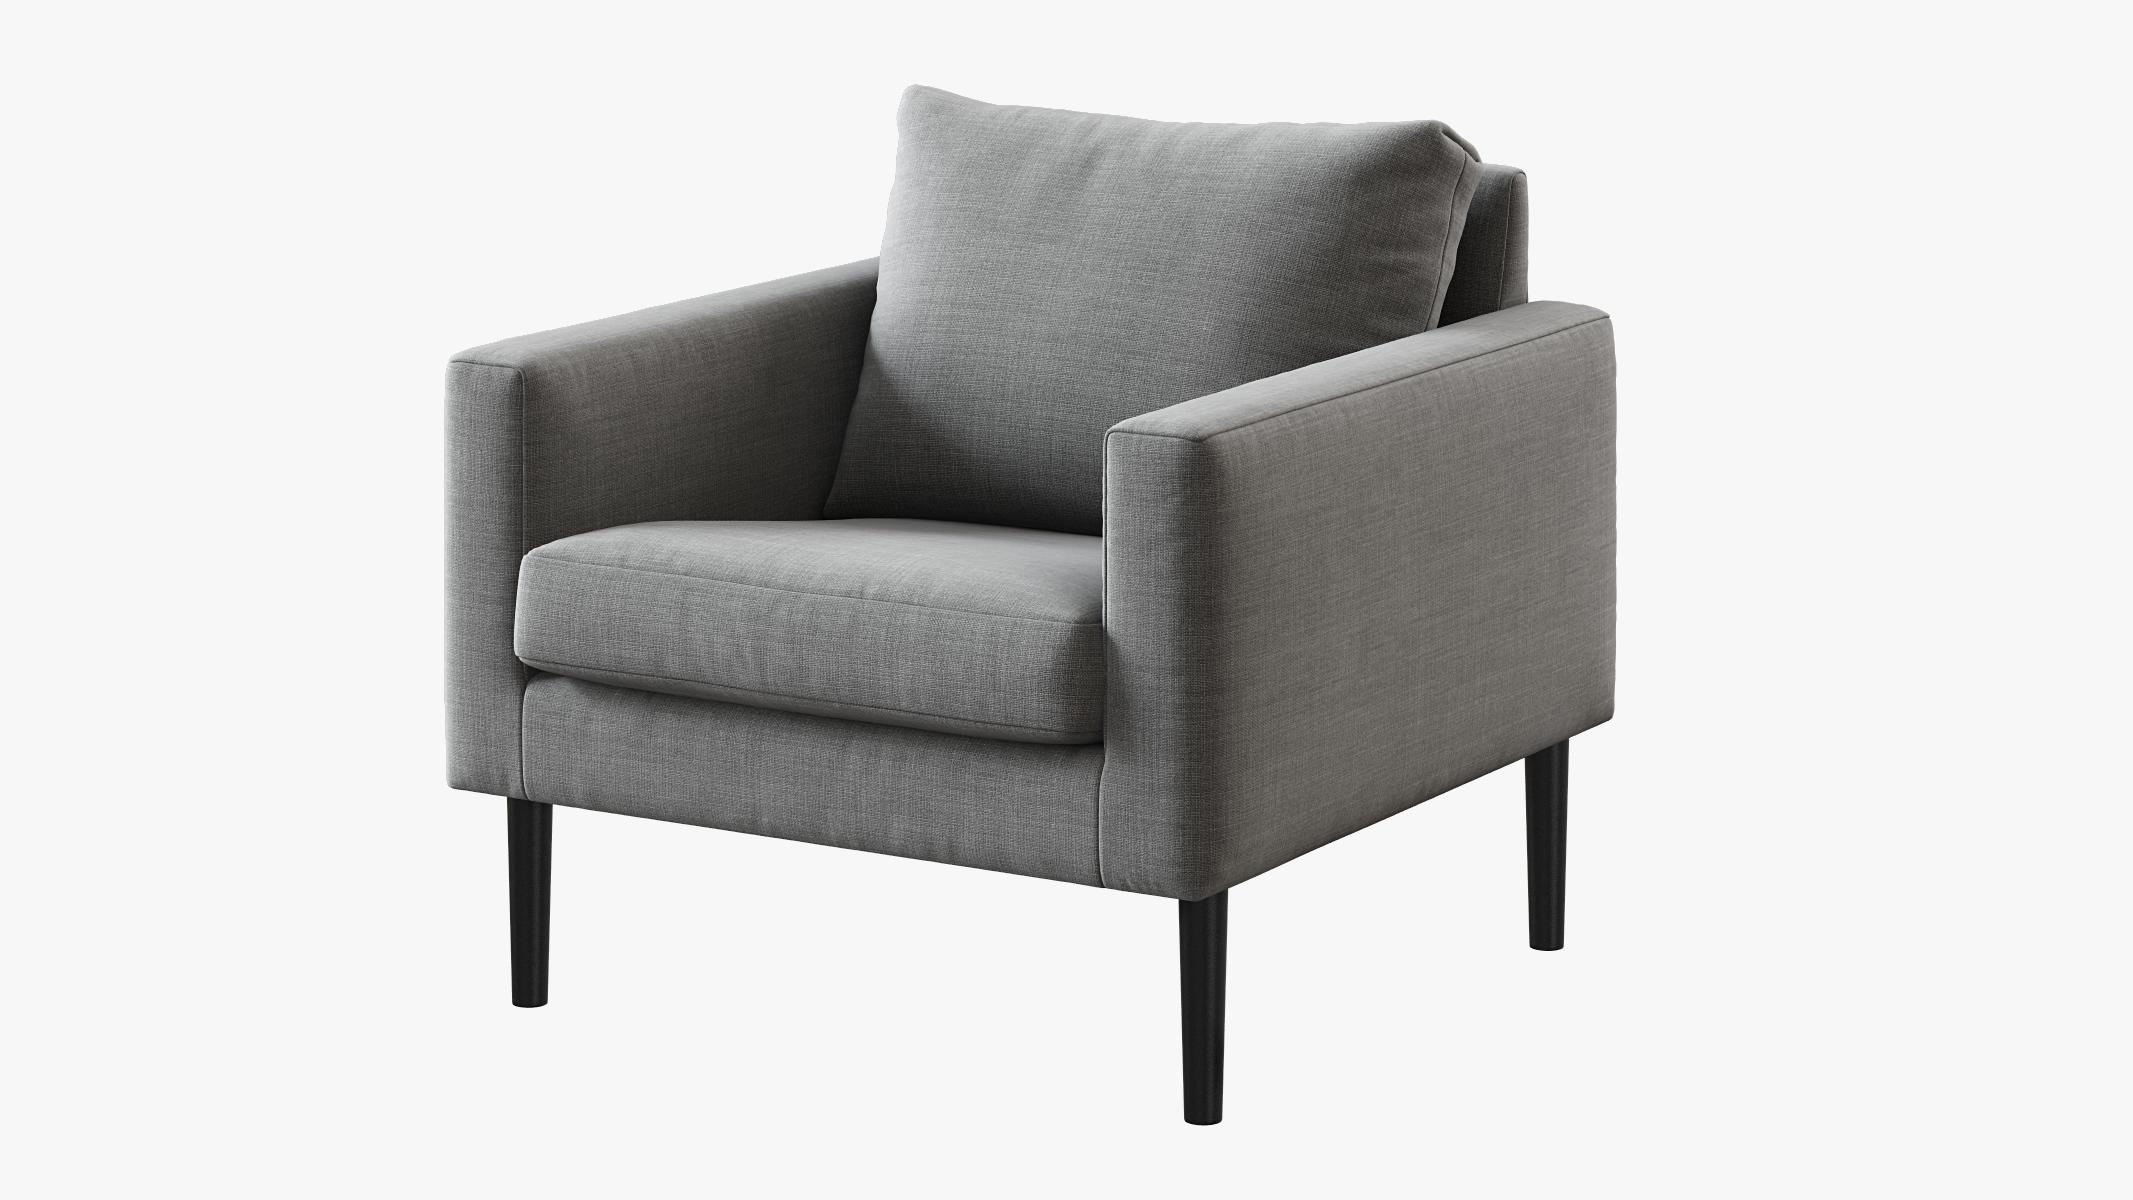 Full Size of Ikea Friheten Sessel 3d Modell Turbosquid 1417534 Schlafzimmer Miniküche Wohnzimmer Sofa Mit Schlaffunktion Lounge Garten Relaxsessel Betten 160x200 Küche Wohnzimmer Sessel Ikea